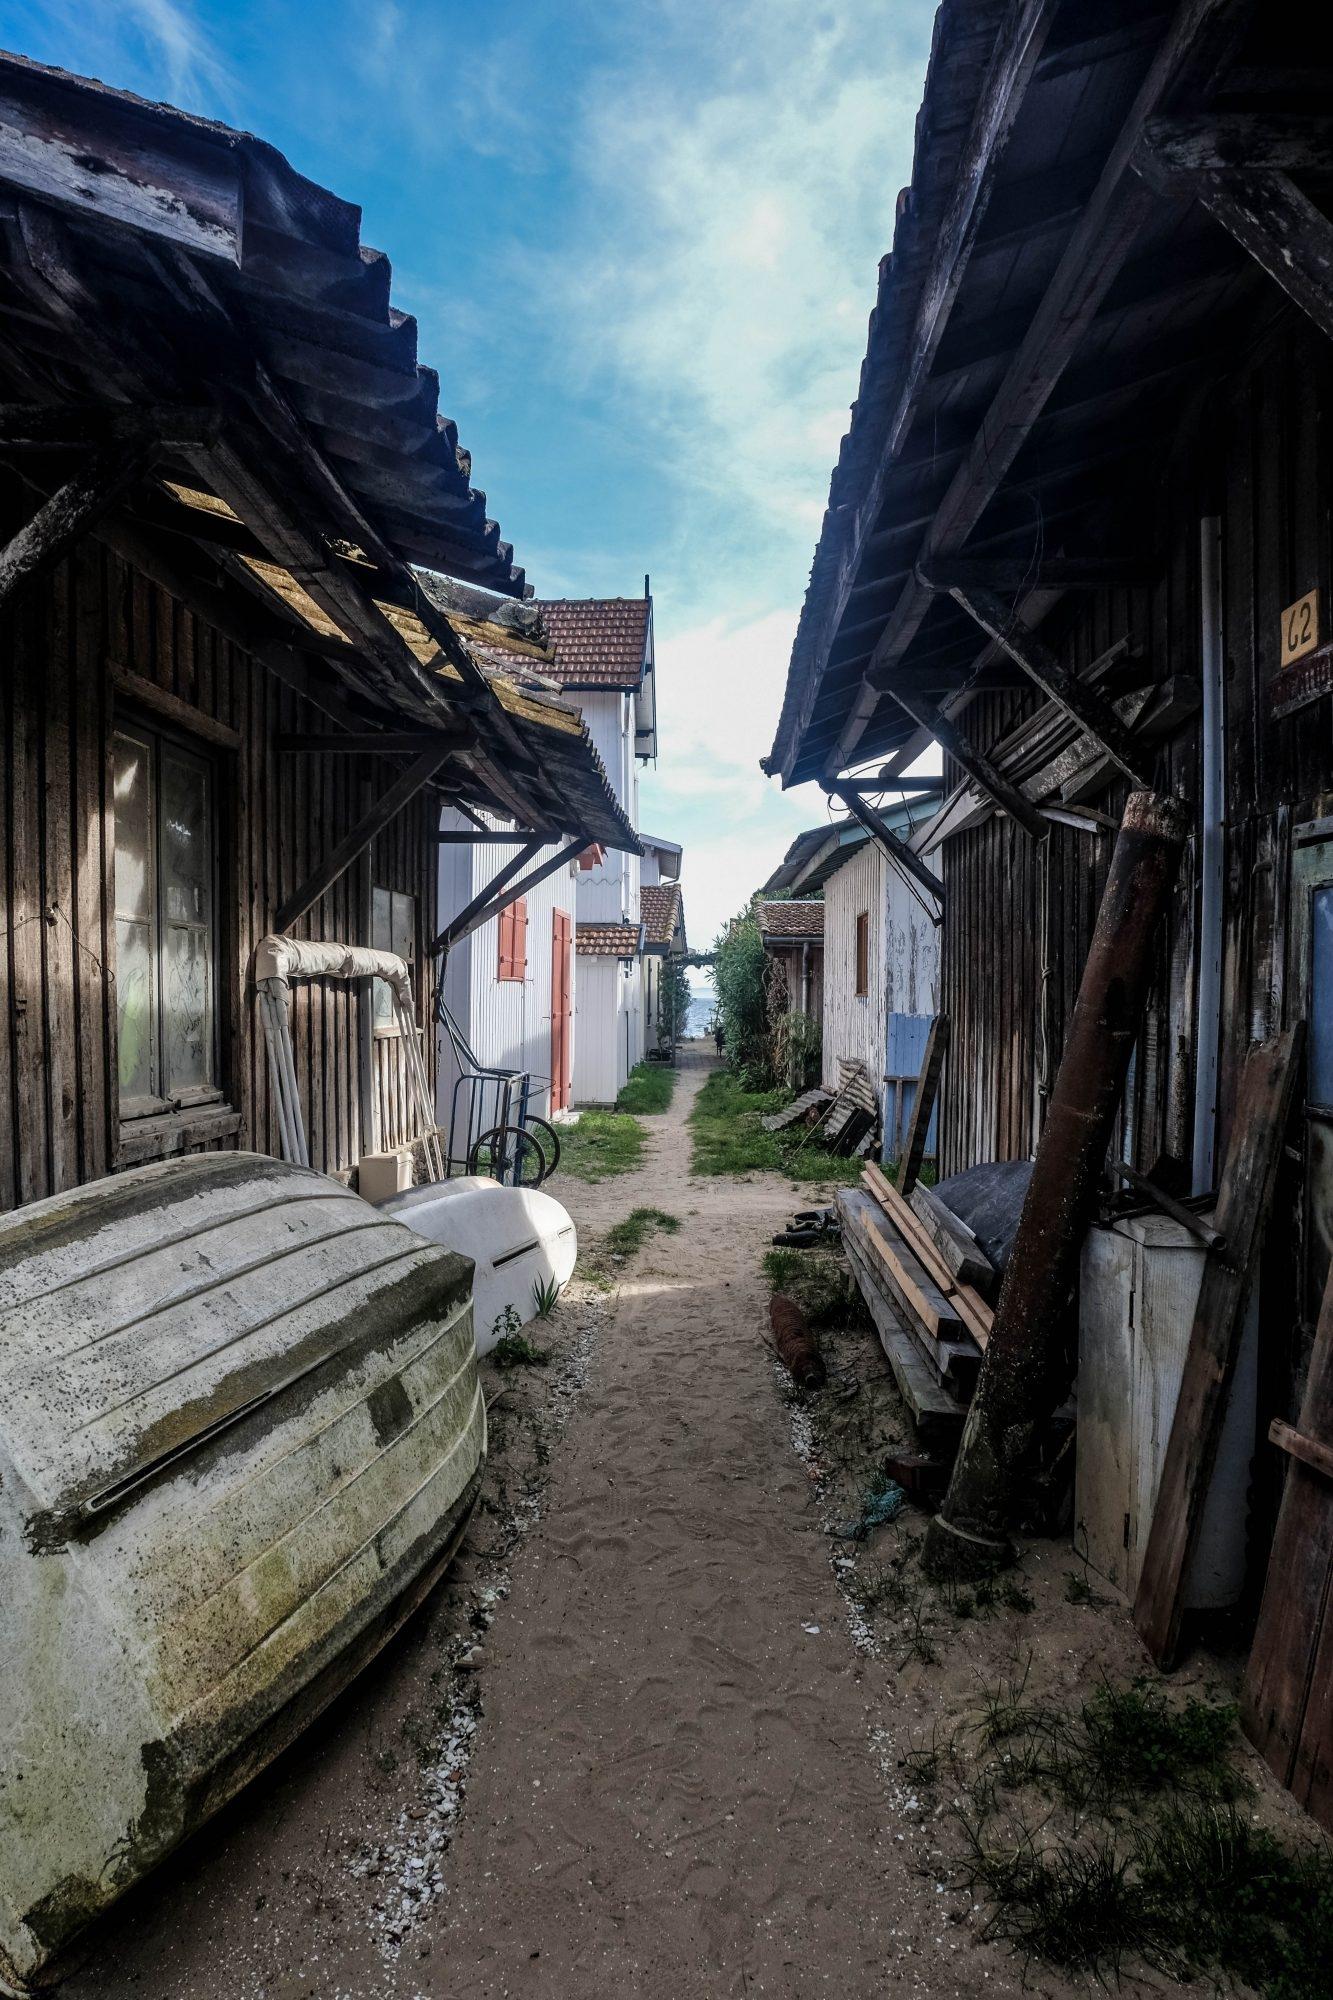 Les jolies maisons en bois du village de l'Herbe